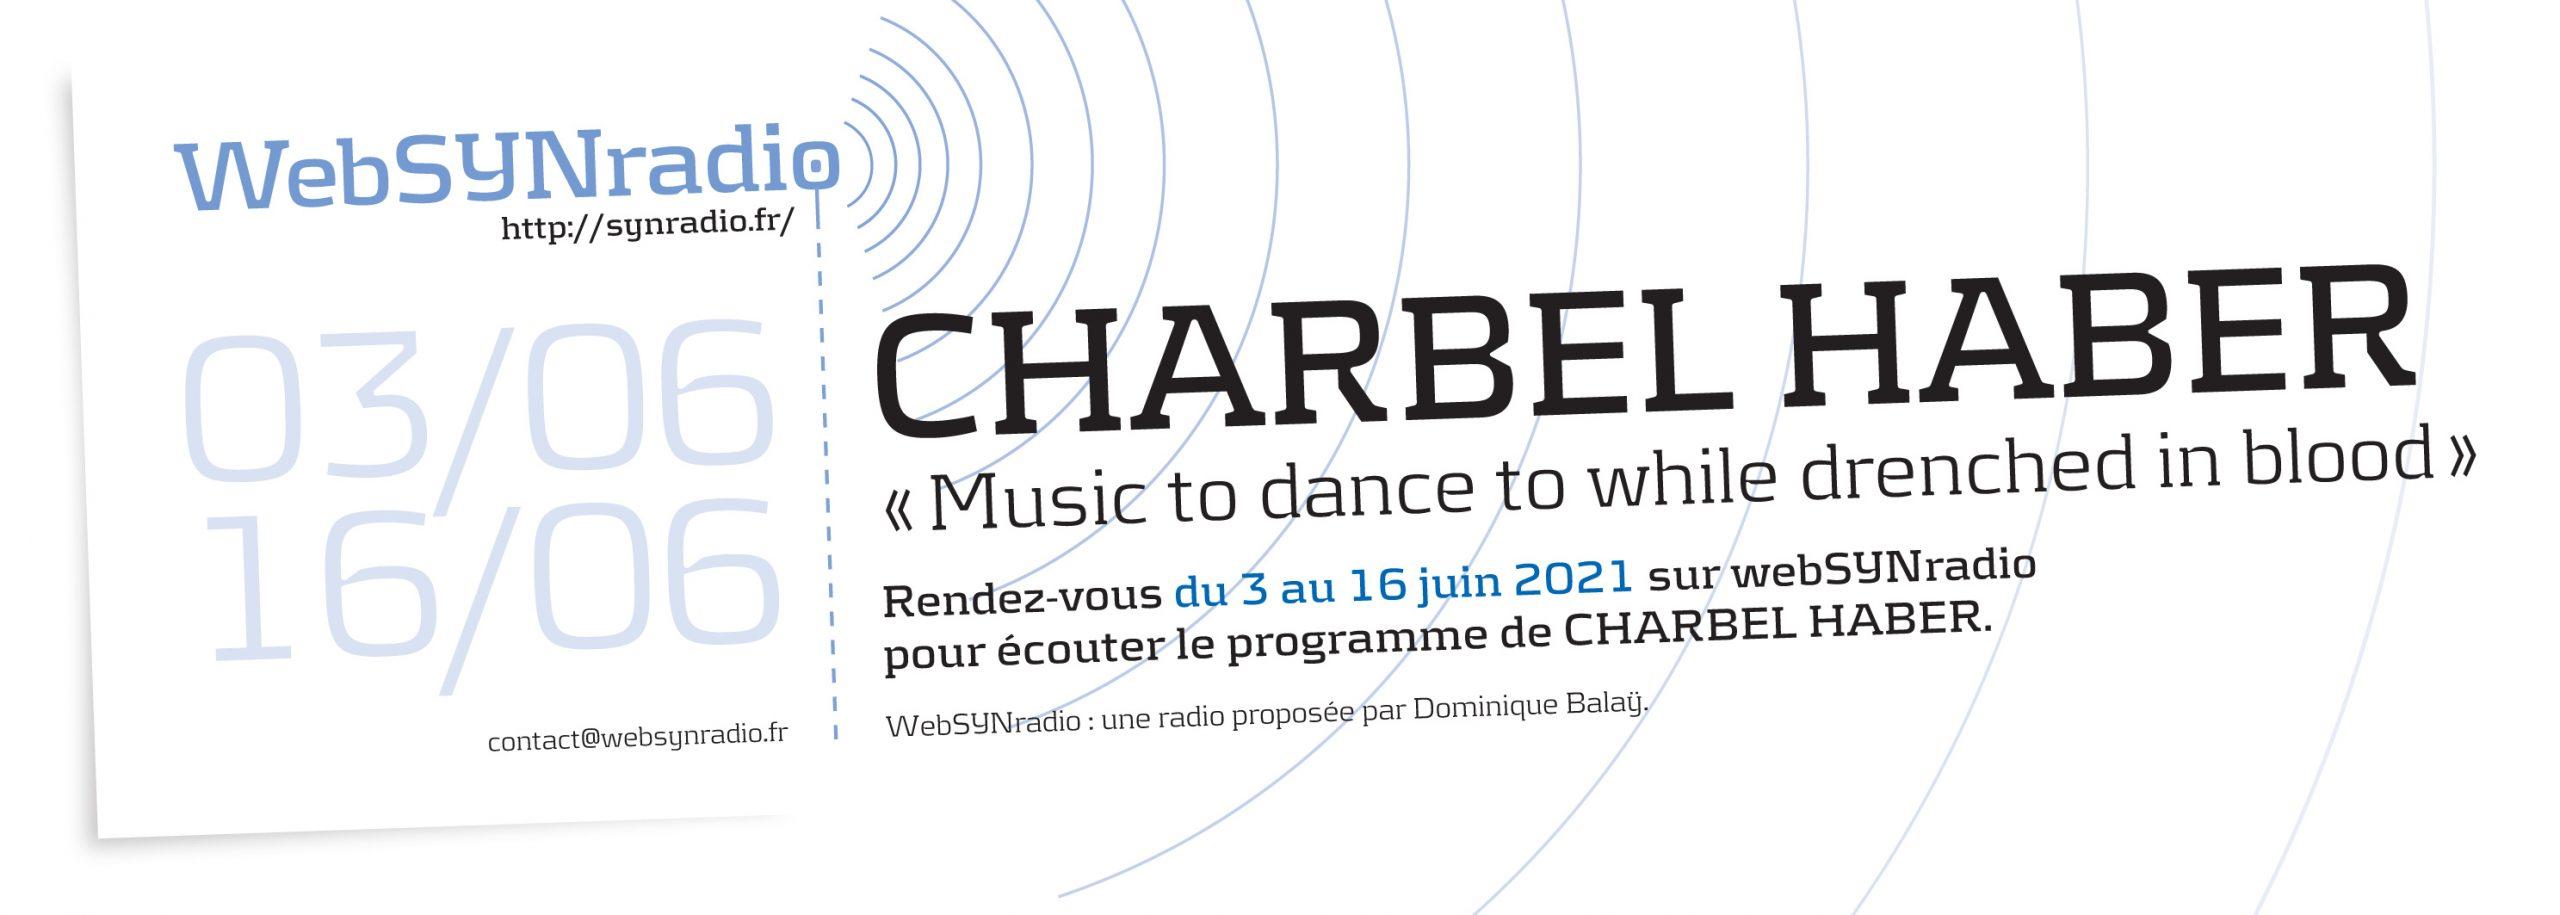 webSYNradio-Charbel-Haber